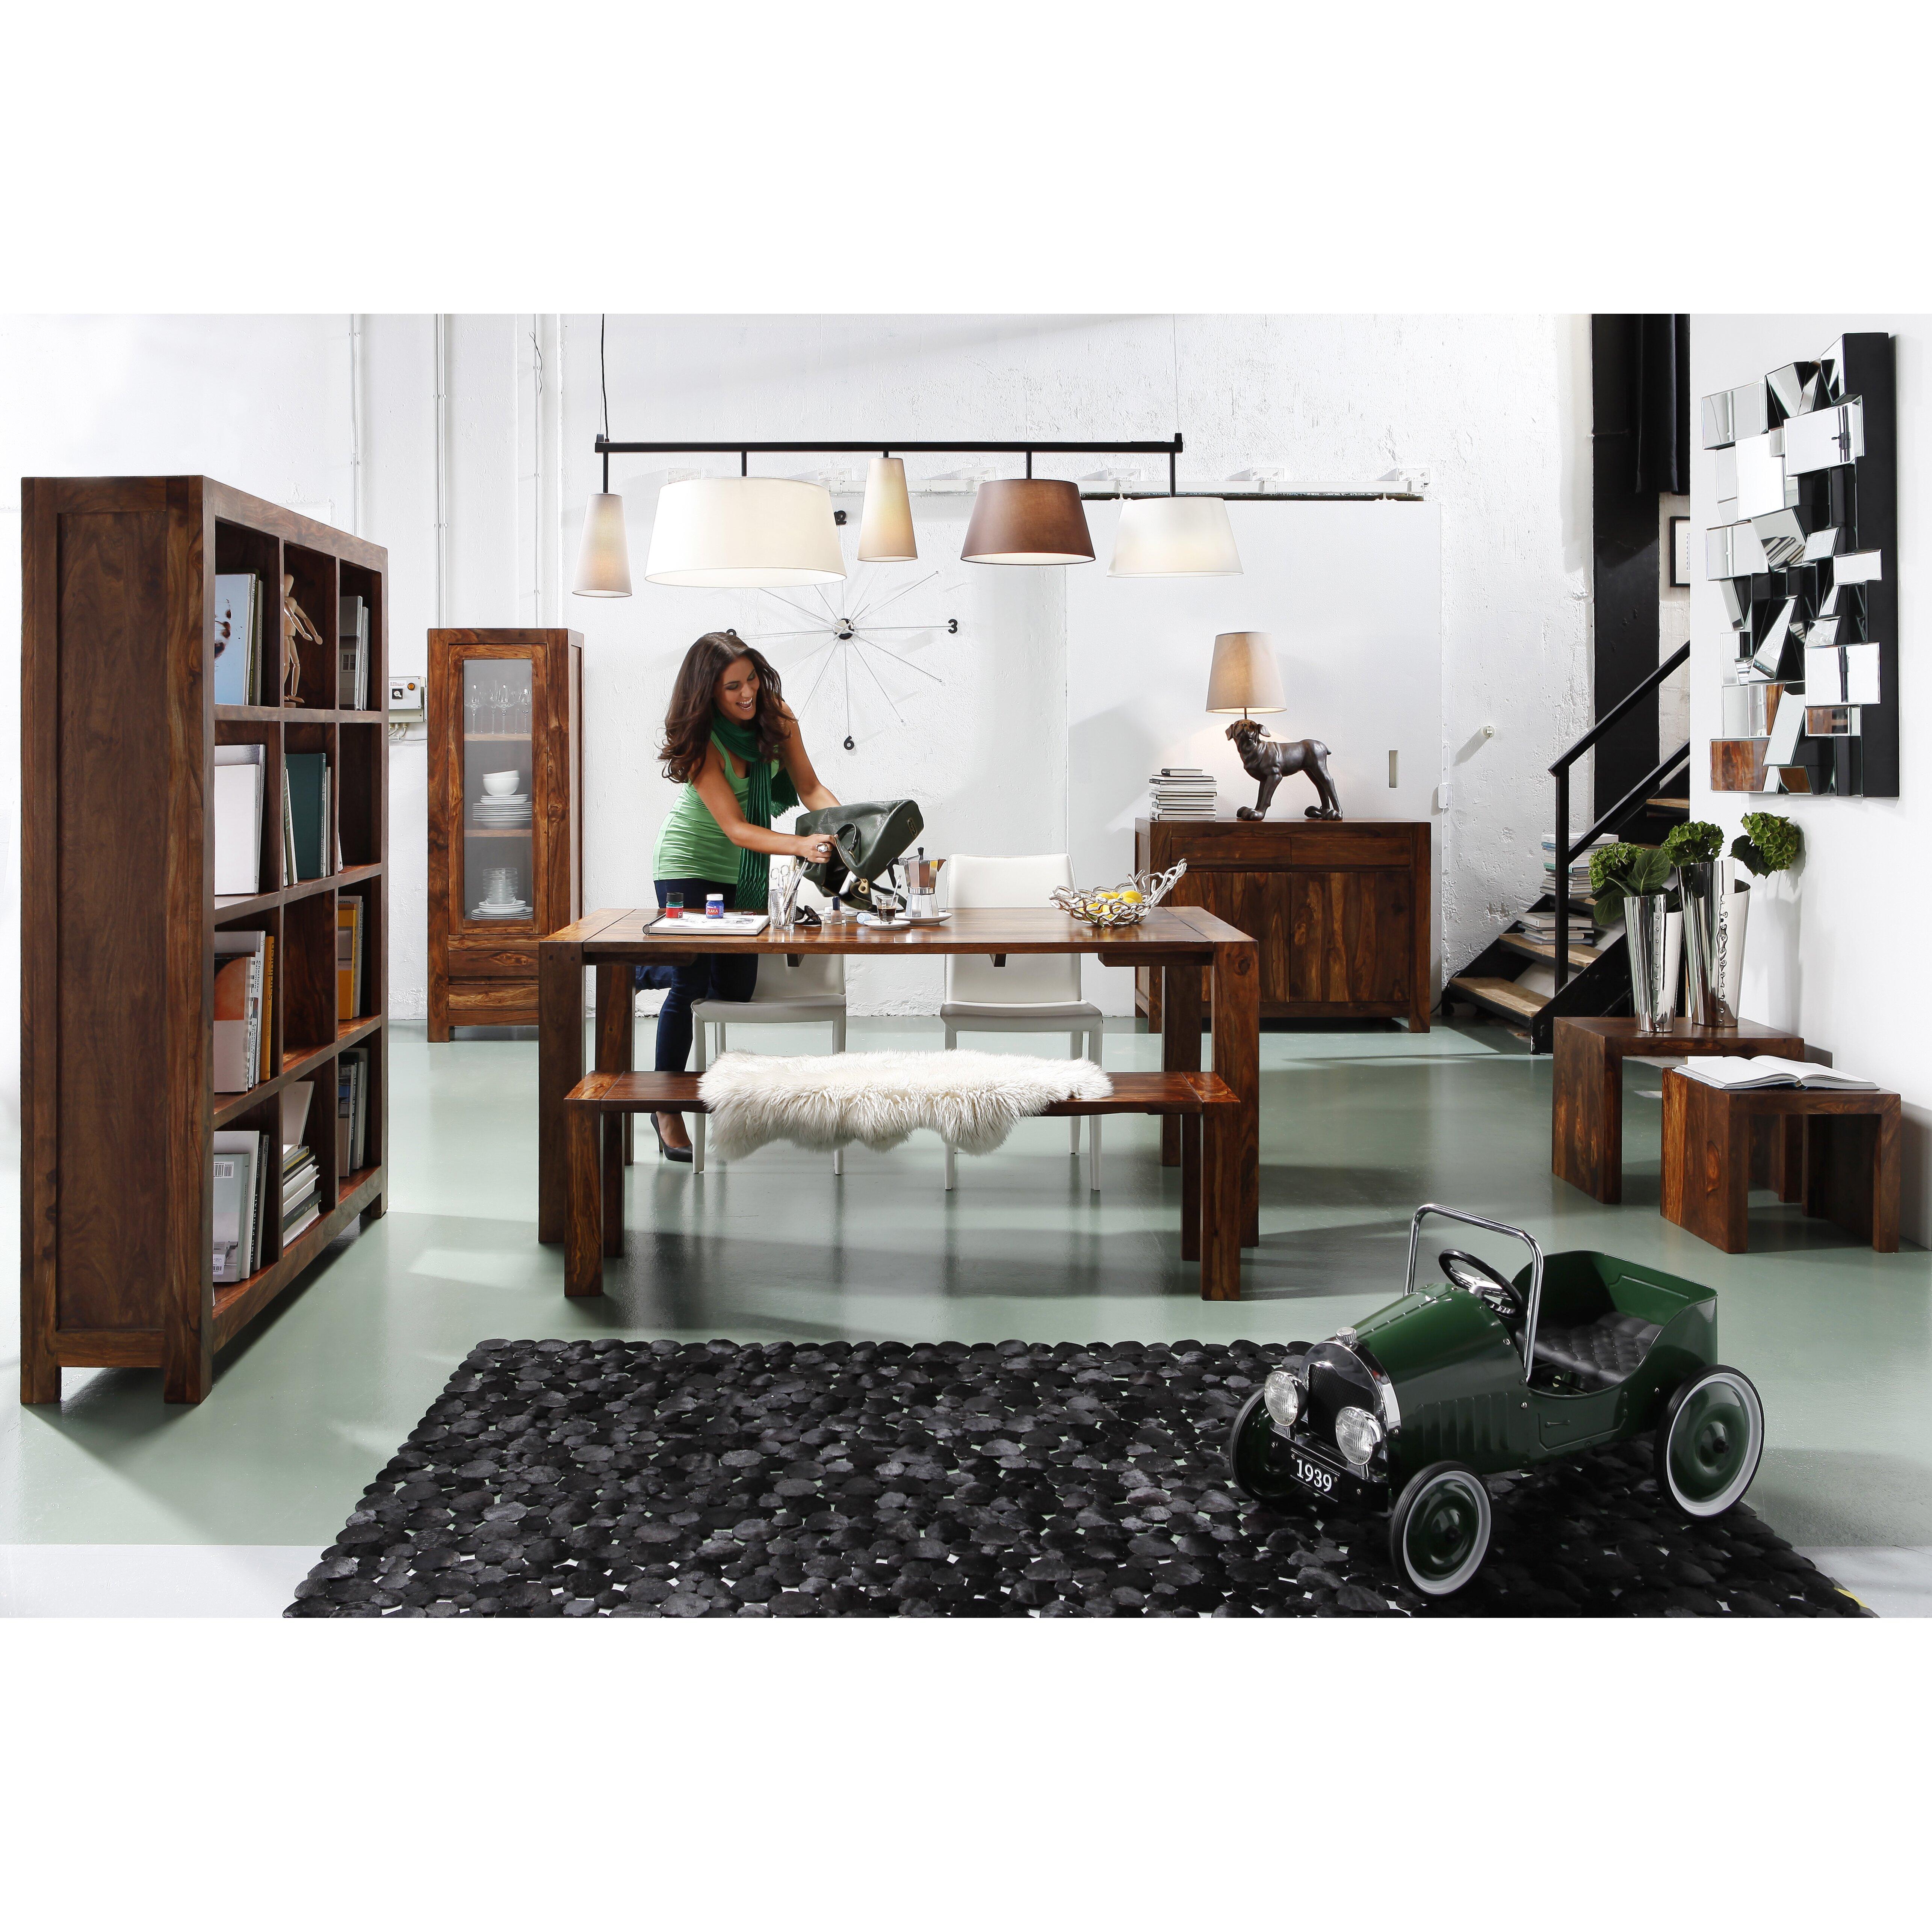 kare design balken pendelleuchte 5 flammig parecchi. Black Bedroom Furniture Sets. Home Design Ideas